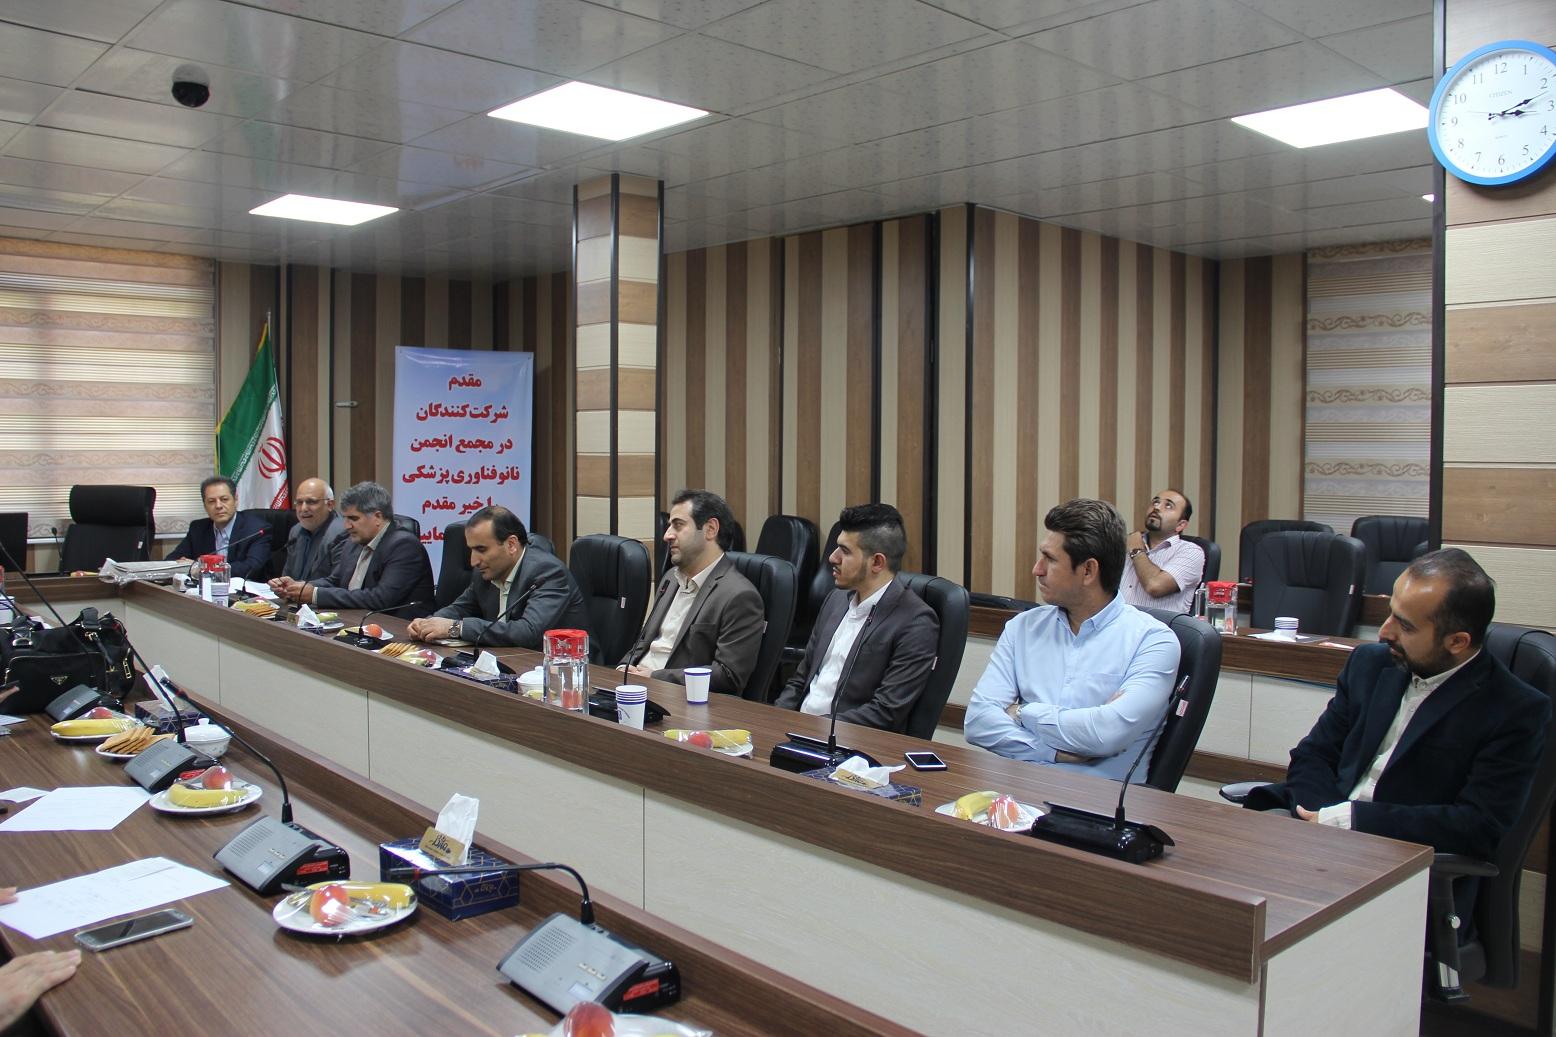 برگزاری انتخابات مجمع عمومی فوق العاده و عادی  انجمن علمی نانوفناوری پزشکی ایران